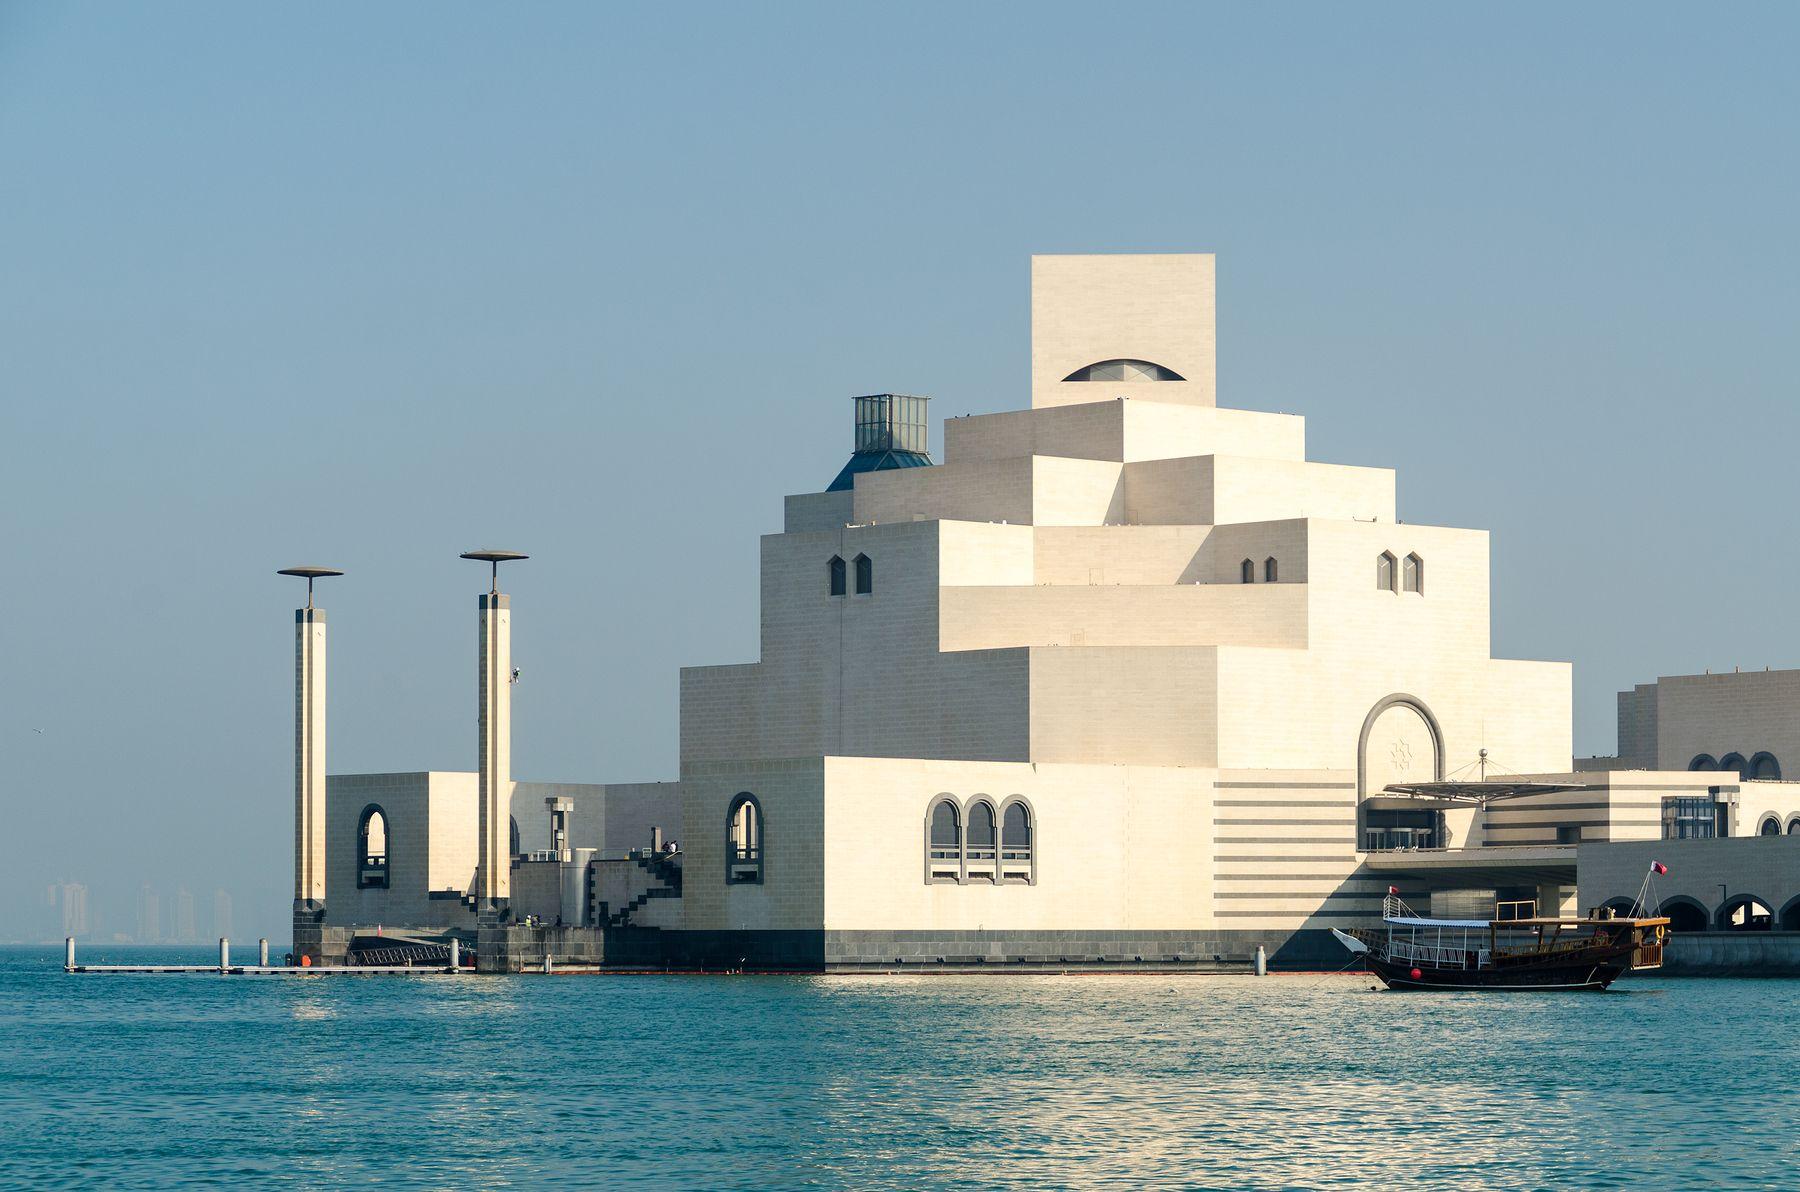 Museo de arte islámico (Doha, Qatar)